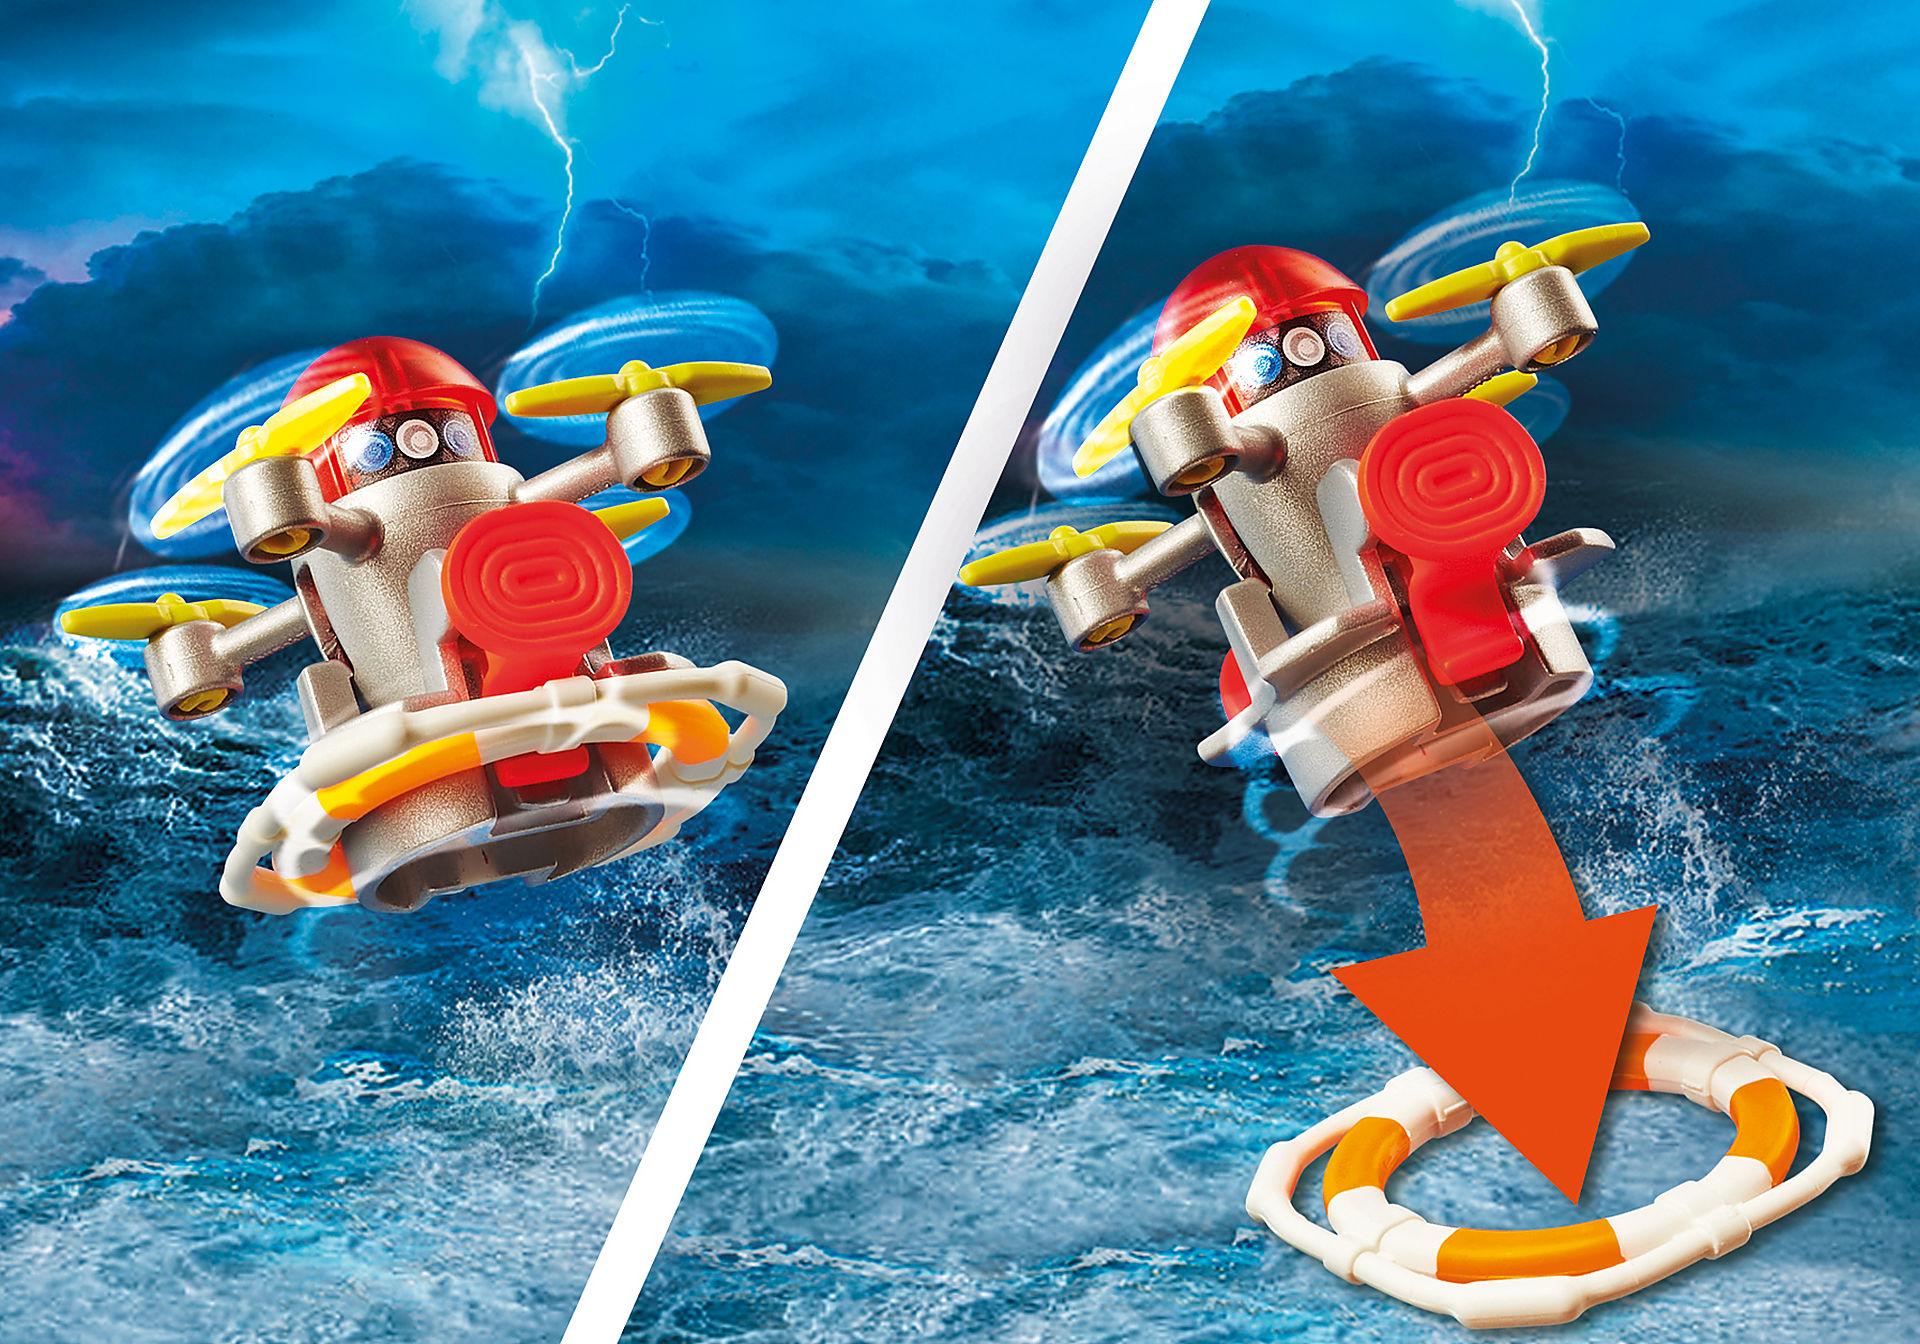 70140 Redding op zee: brandbestrijdingsmissie met reddingscruiser zoom image6